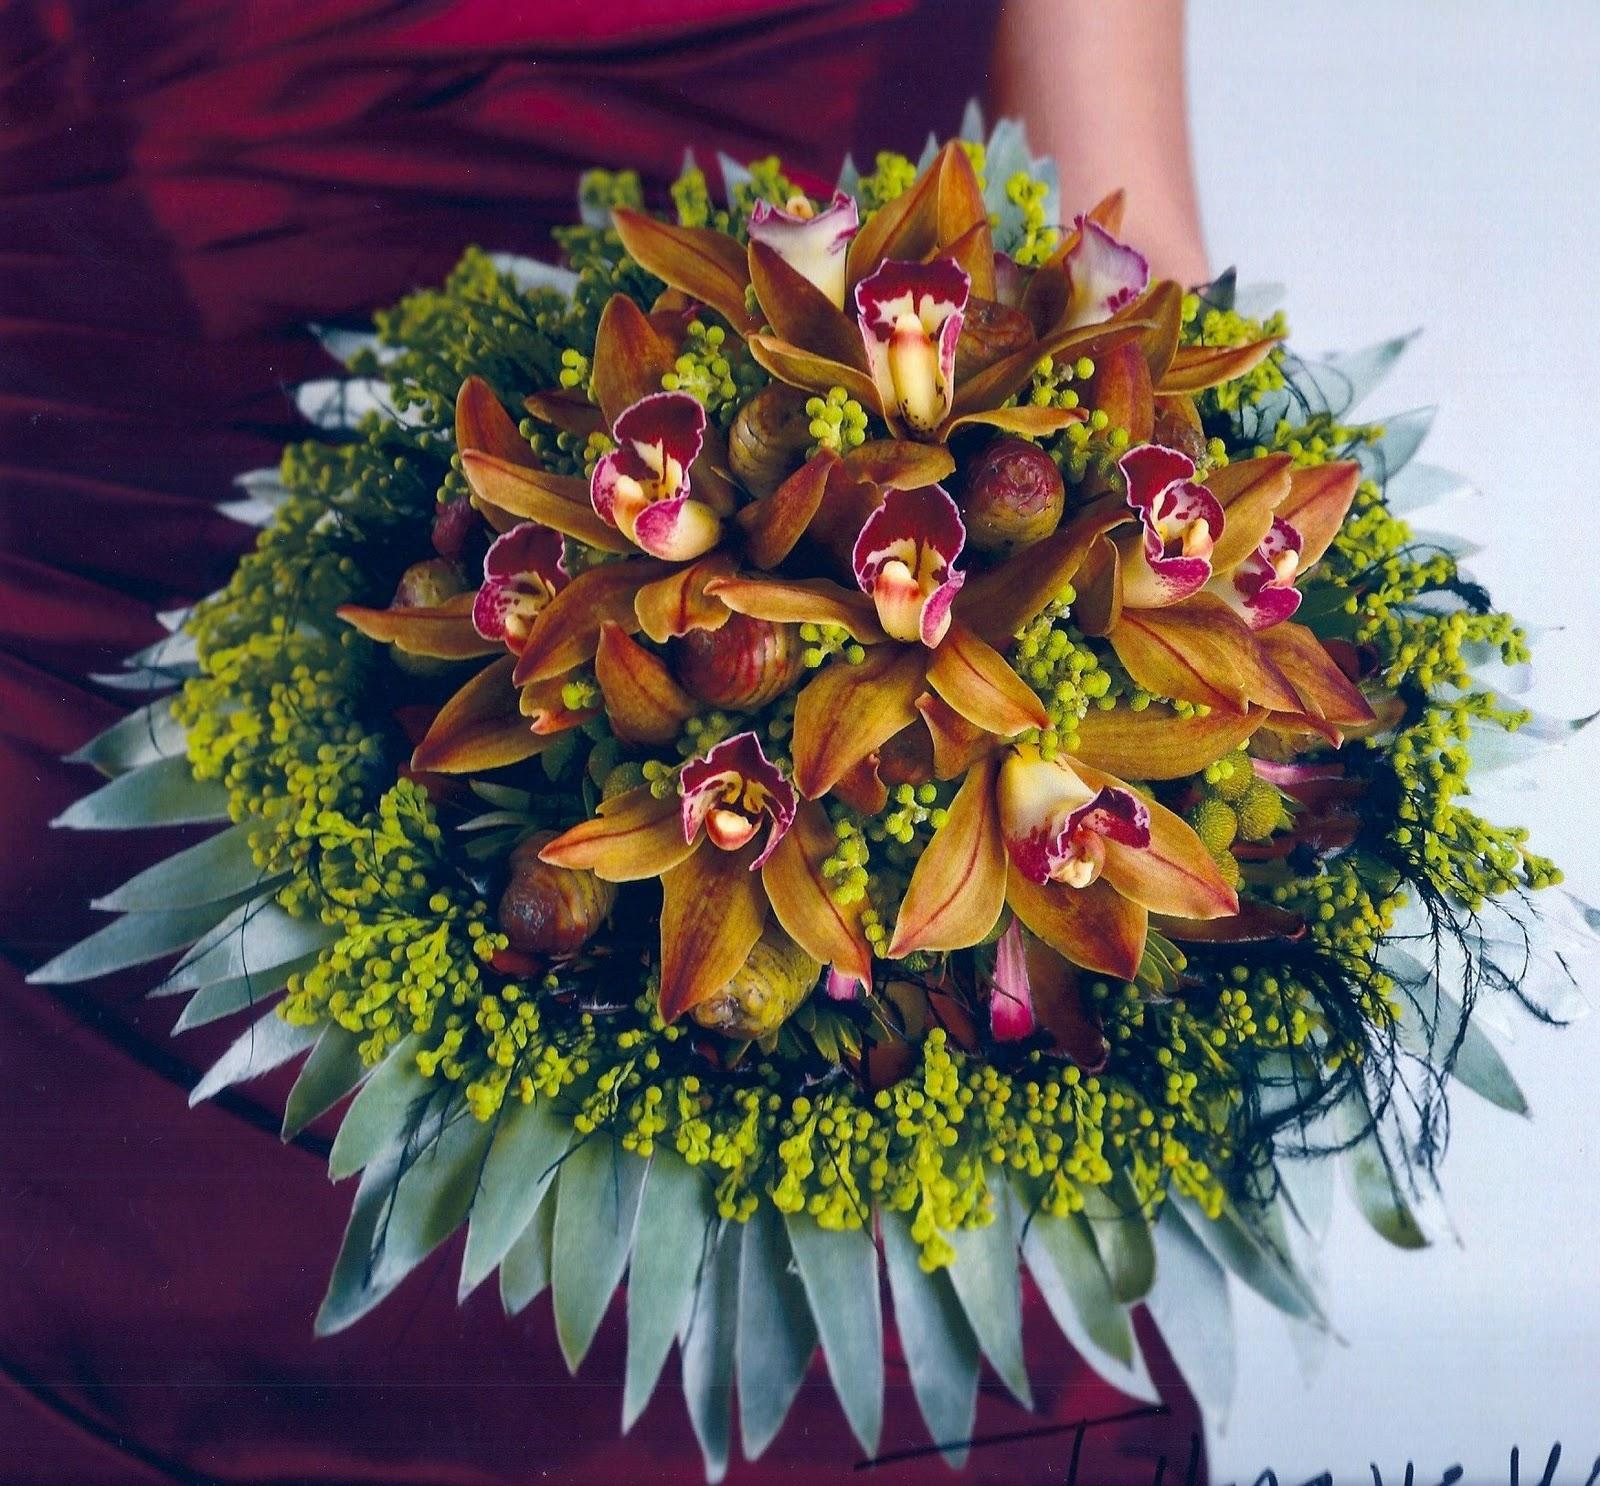 Unique Flower Arrangements For Weddings: A Passion For Flowers: Unique Wedding Bouquets: The Protea